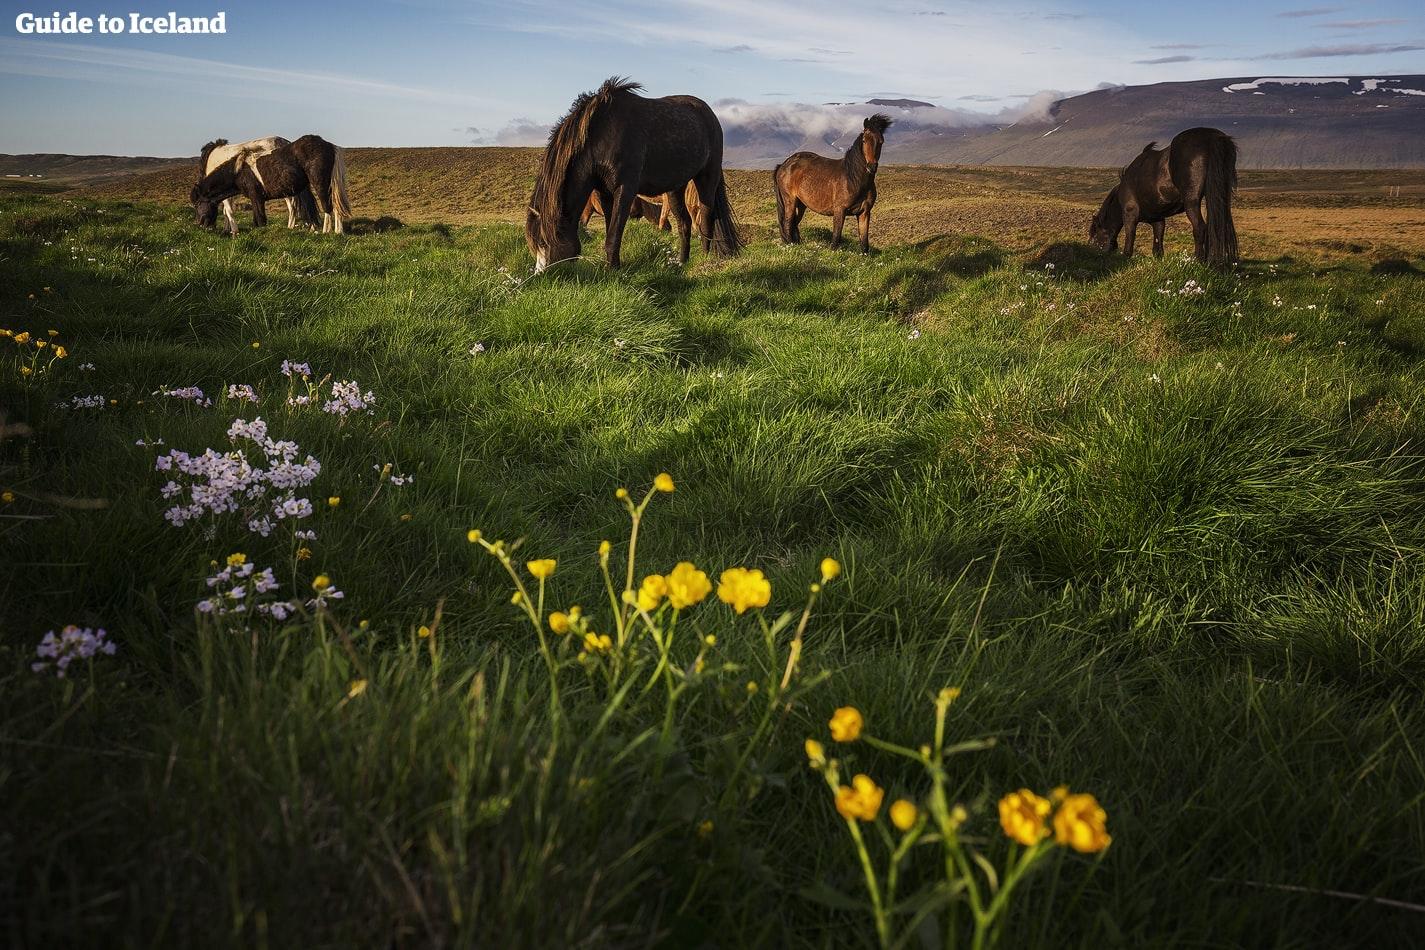 Bei deinem Campingtrip solltest du auch nicht die freundlichen Islandpferde verpassen